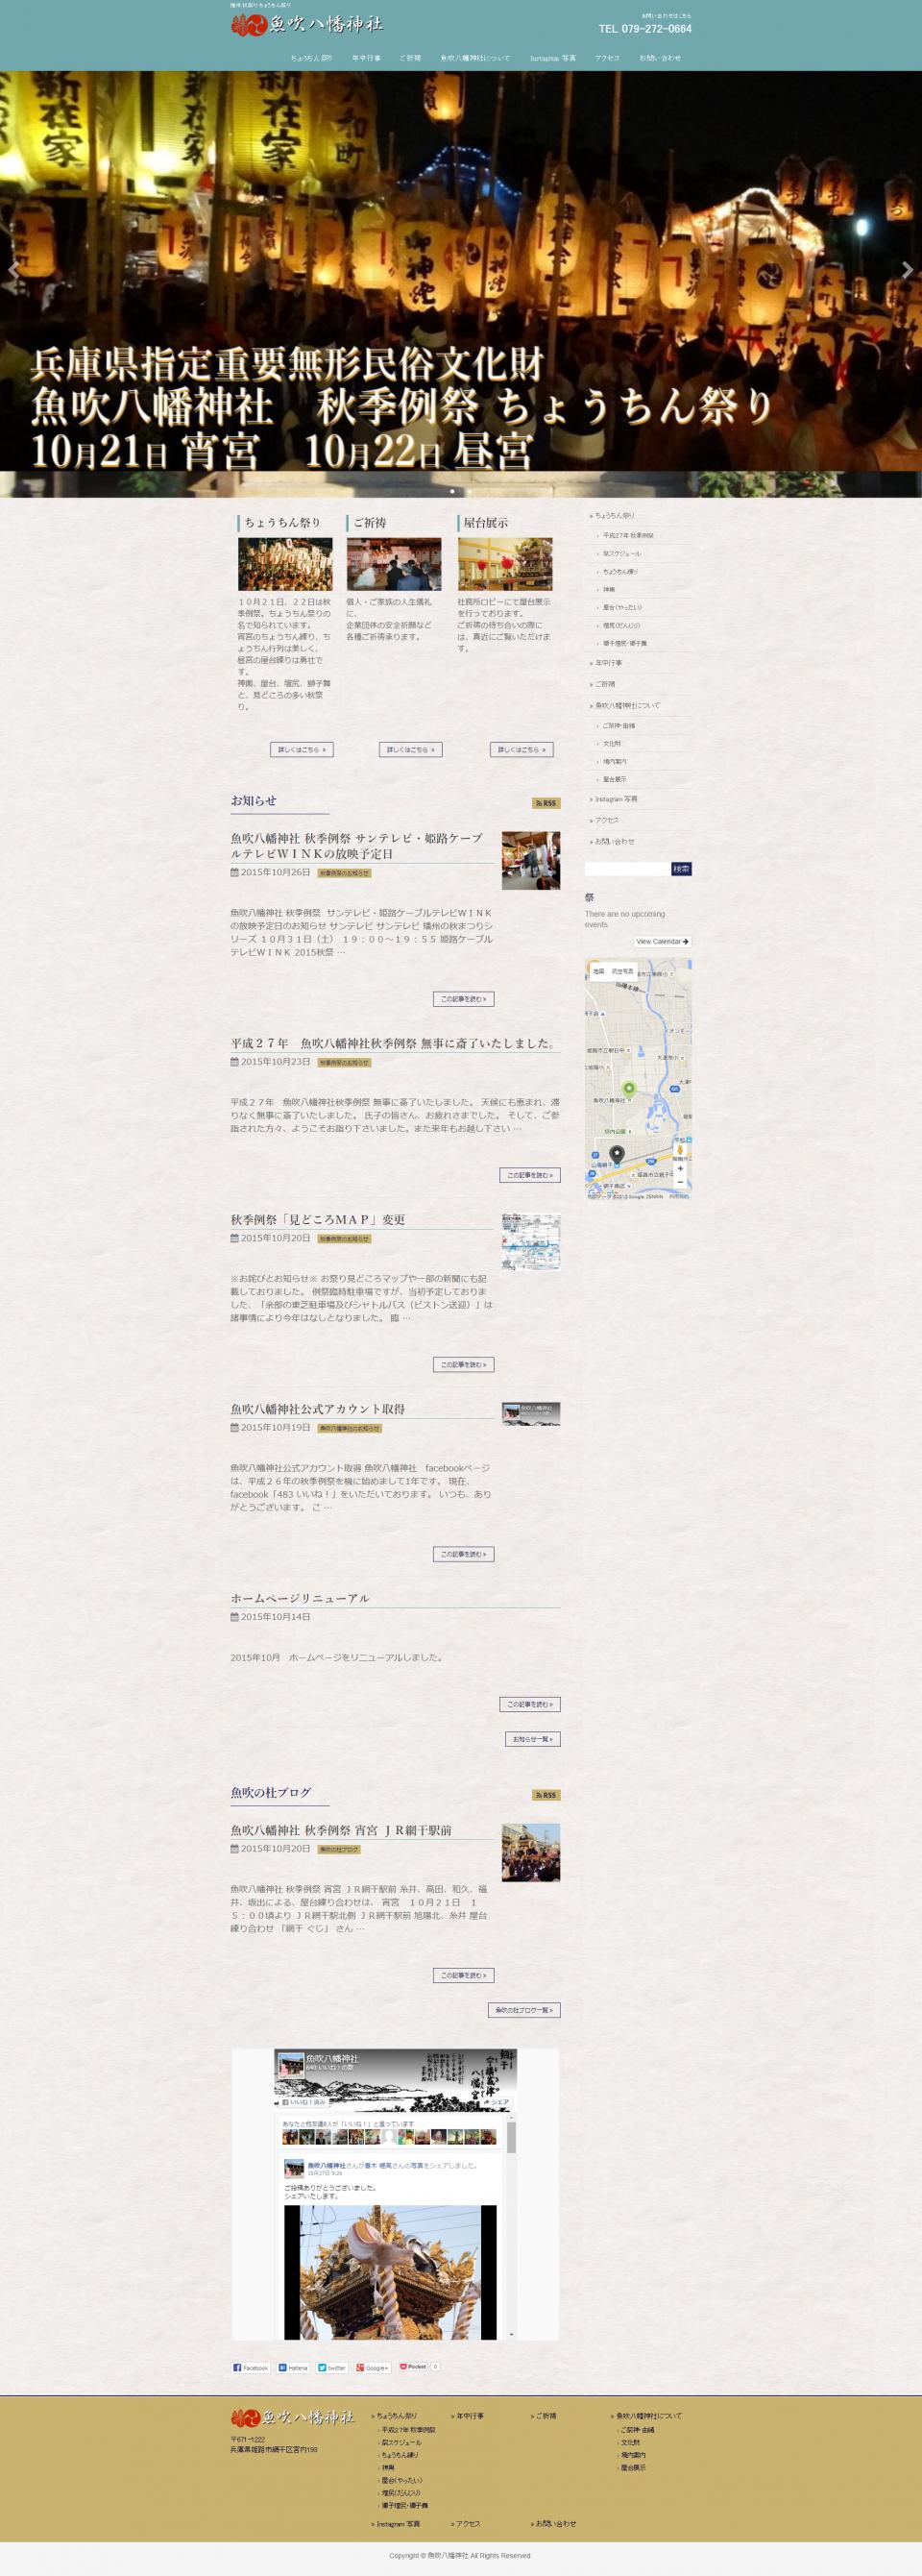 FireShot Screen Capture #002 - '姫路市 魚吹八幡神社 Usuki Hachiman Jinjya' - usukihachiman_or_jp